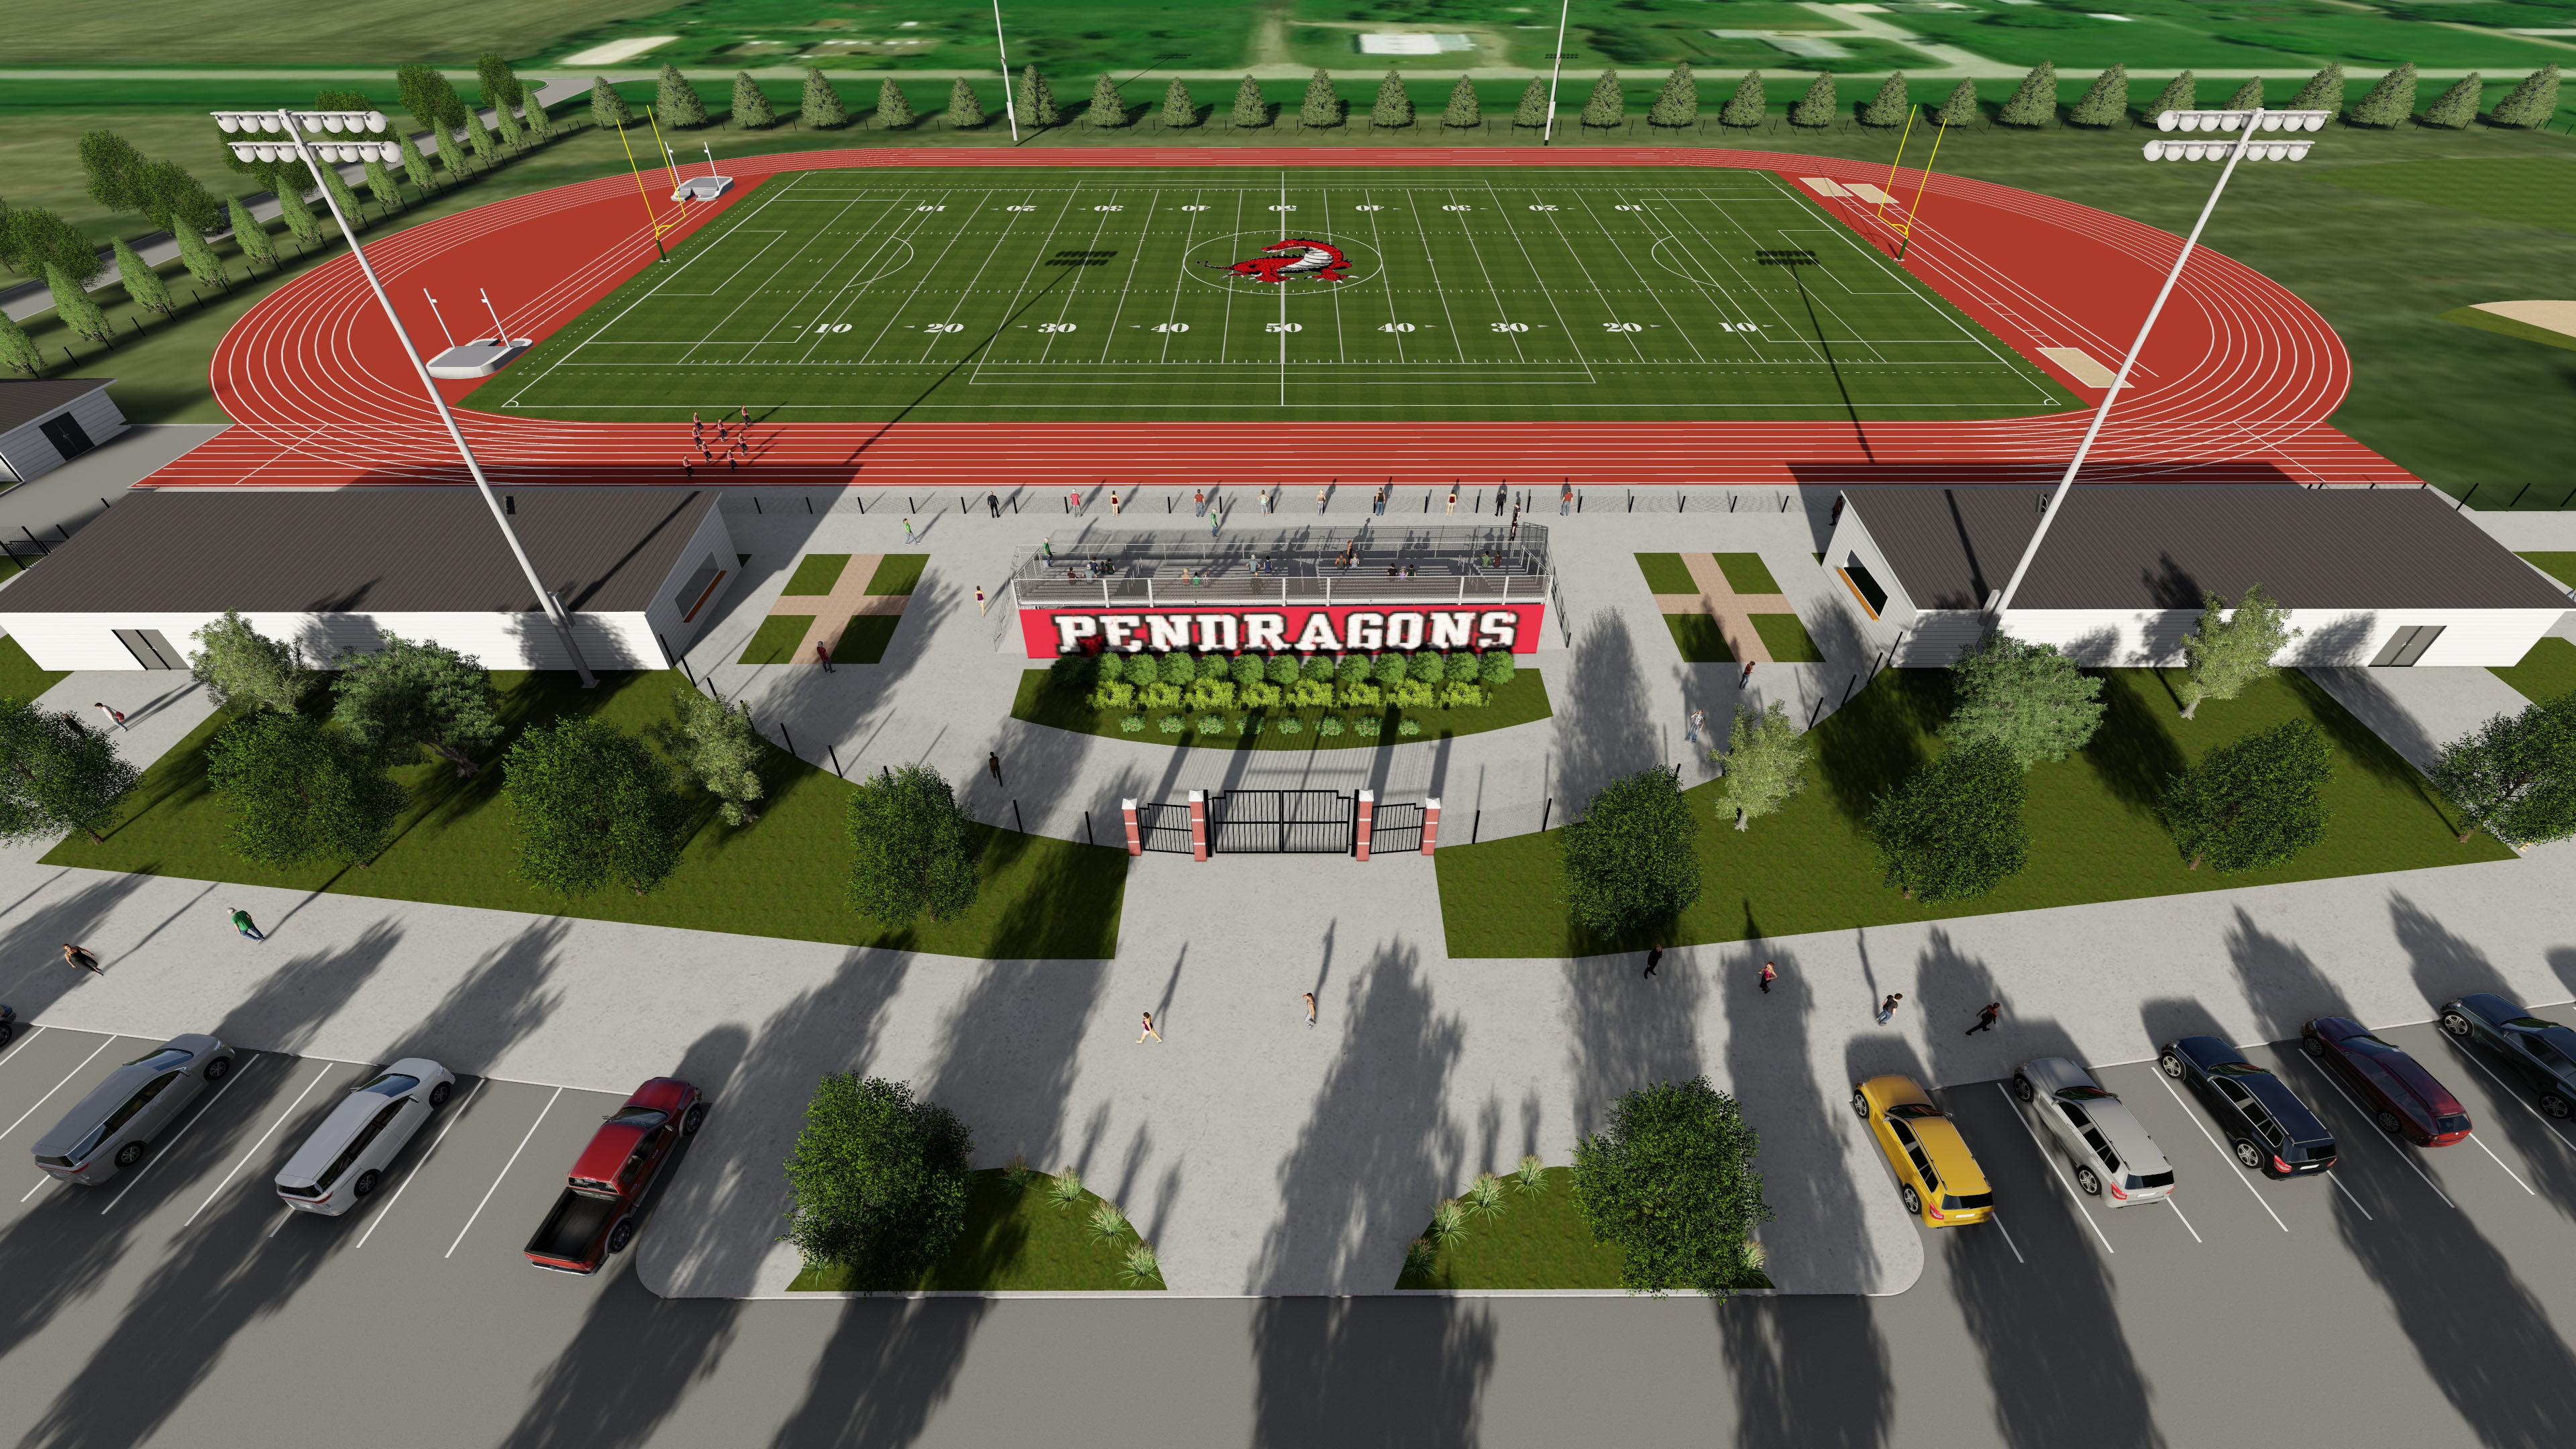 Pendragon sports complex